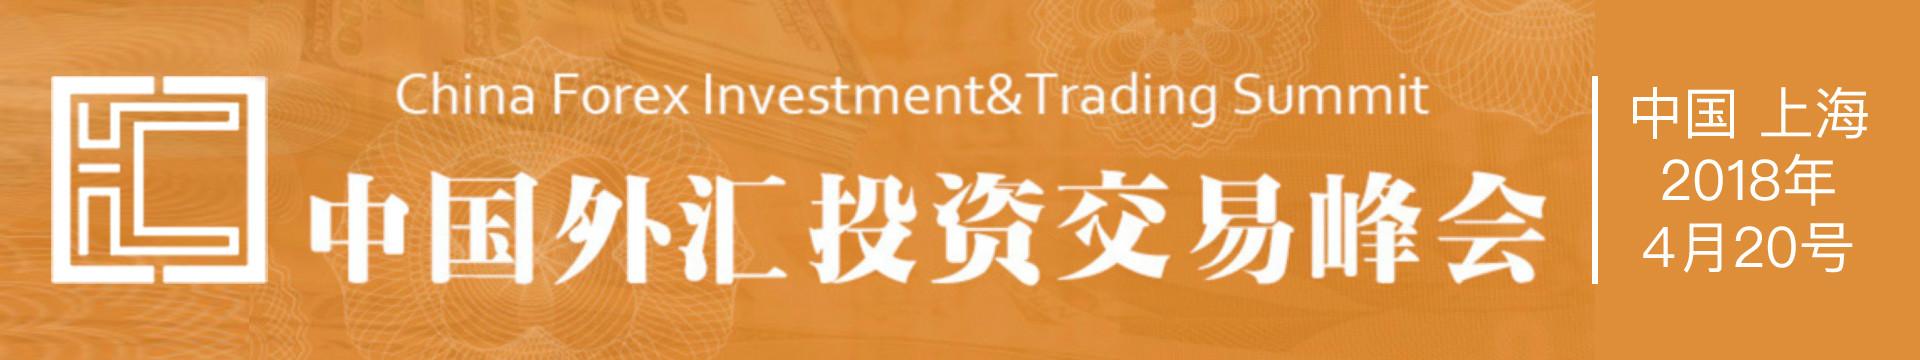 2018中国外汇投资交易峰会